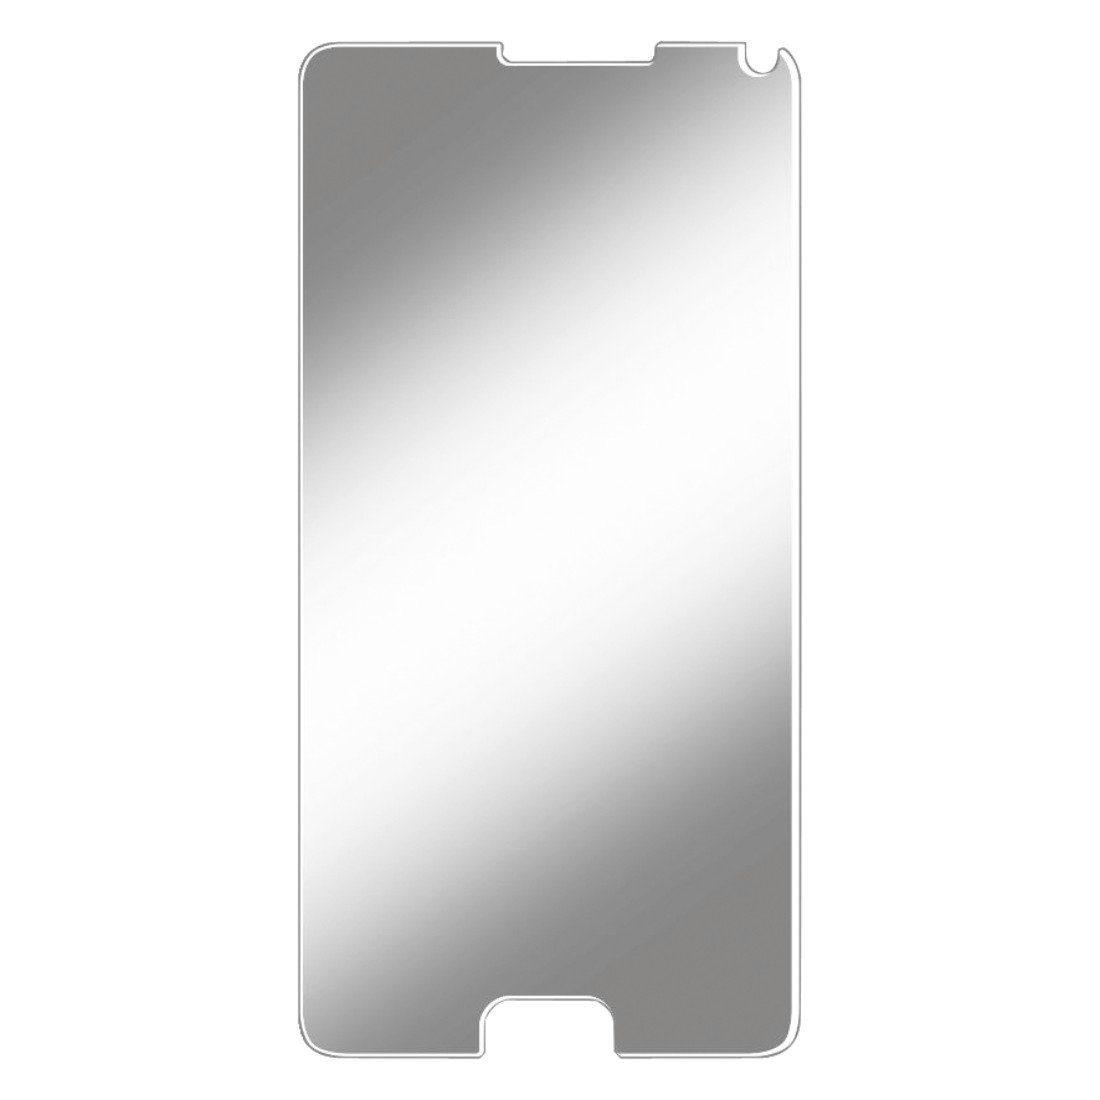 Hama Displayschutzfolie für Samsung Galaxy Note 4, 2er Set »Displayschutz Schutzfolie«